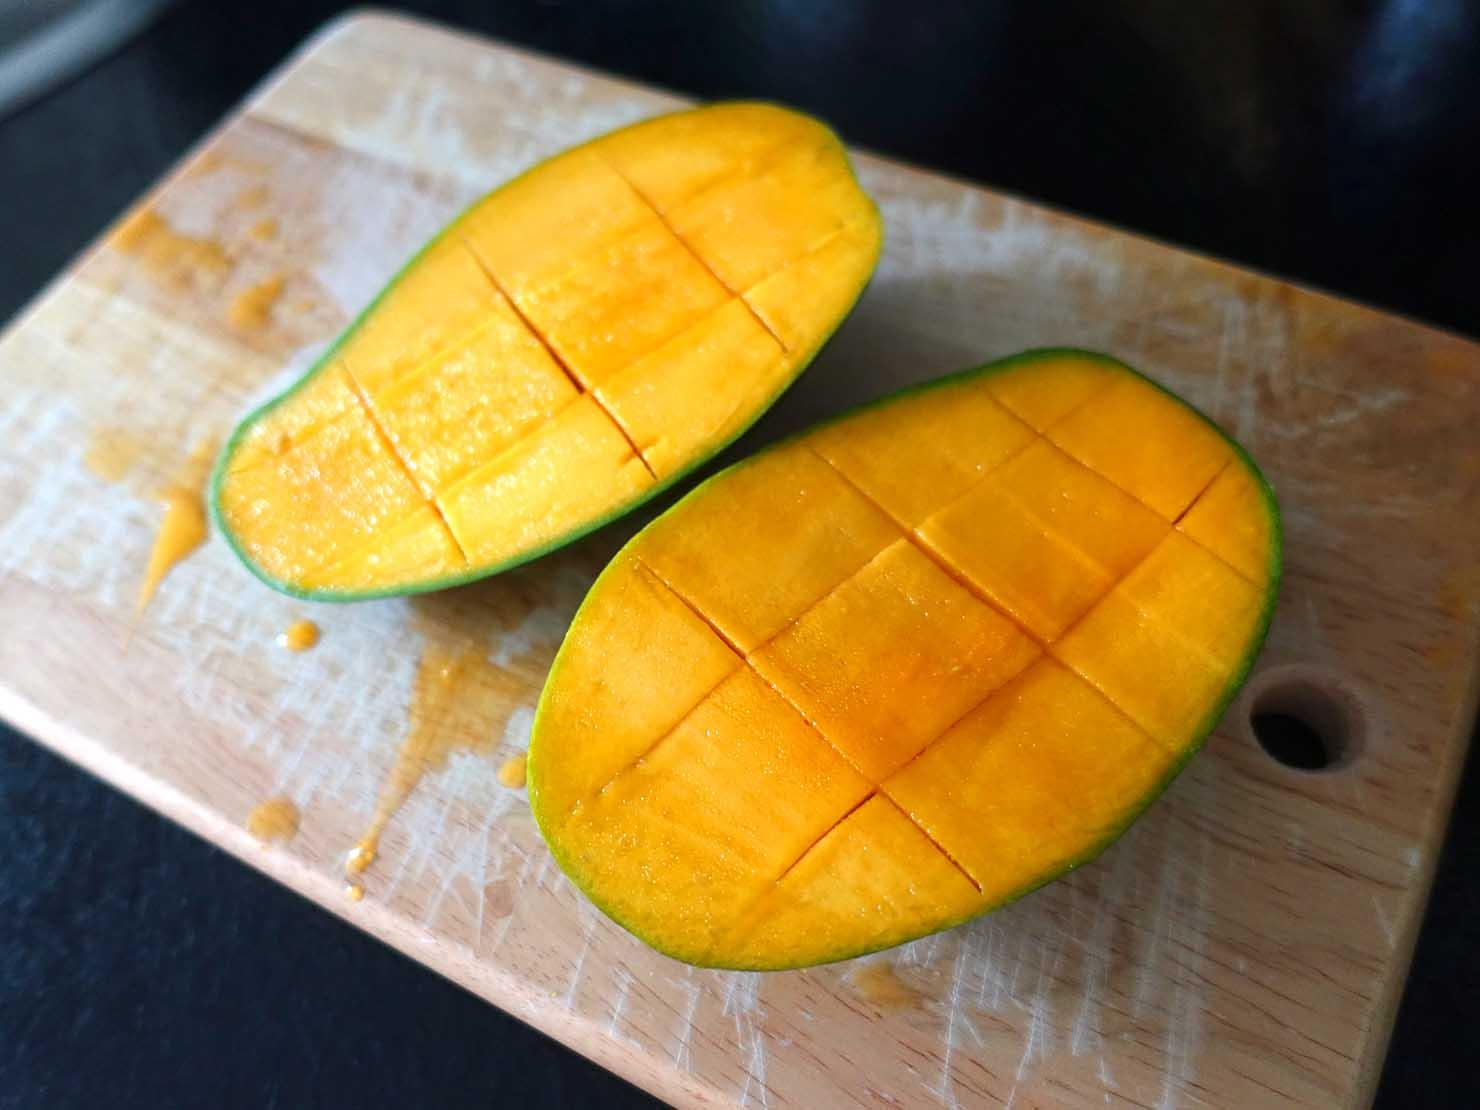 台湾のちょっと珍しい緑のマンゴー「烏香芒果」の切り方(さいの目に切り込み)